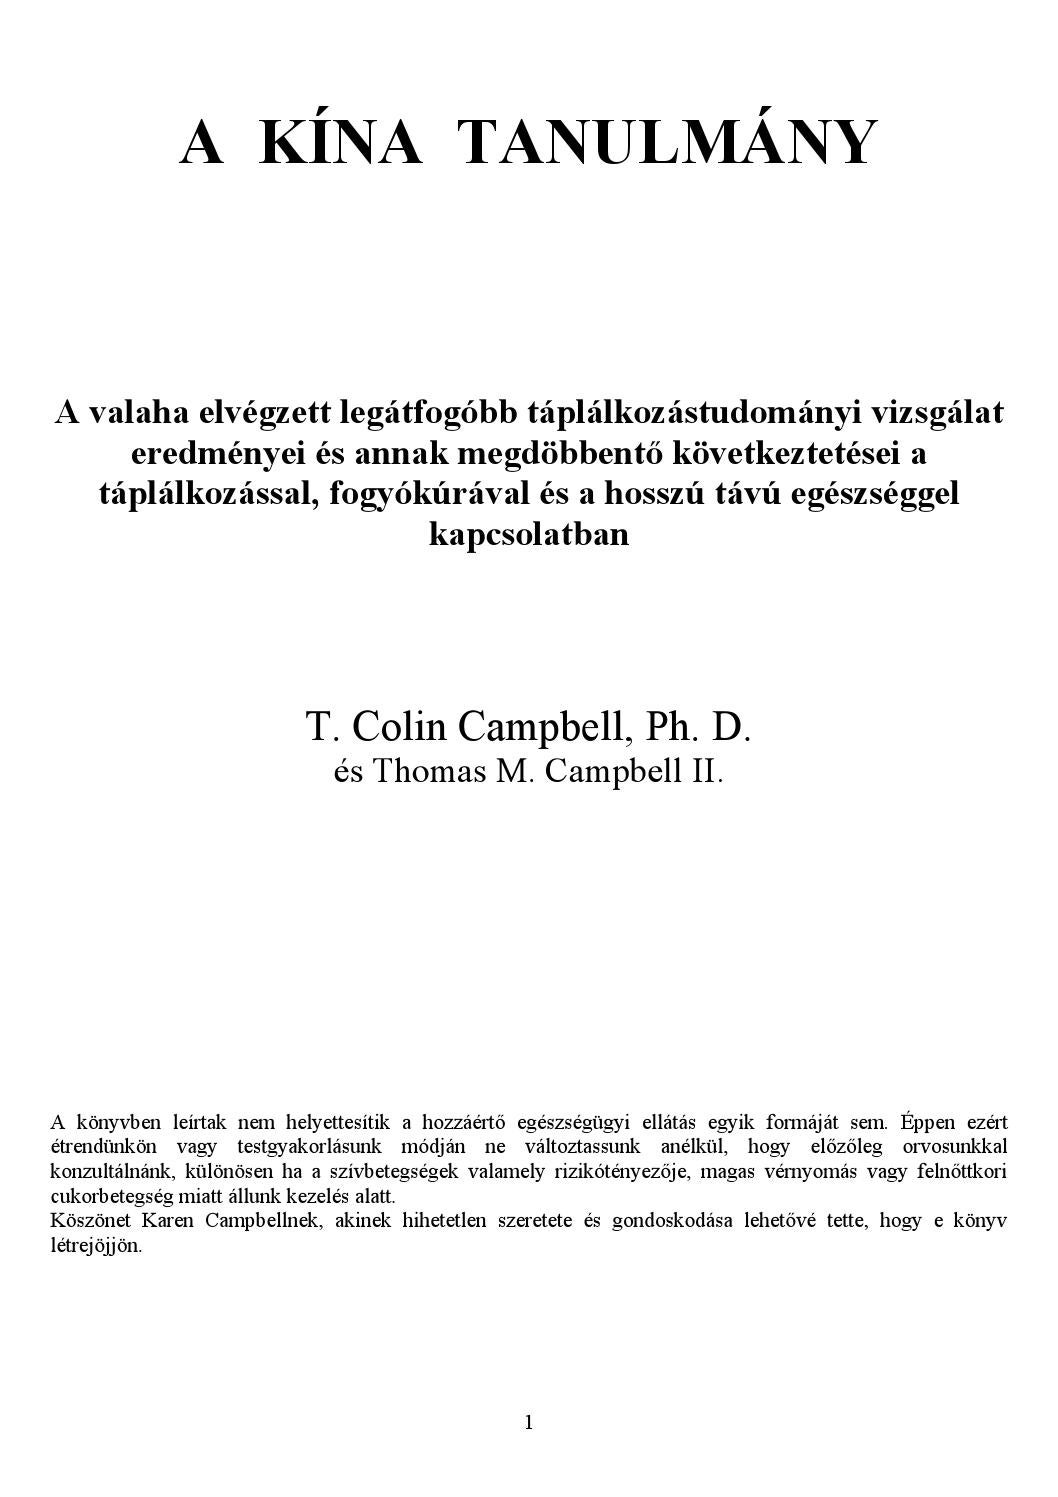 Szemromlás tünetei és kezelése • vilagitojegkocka.hu